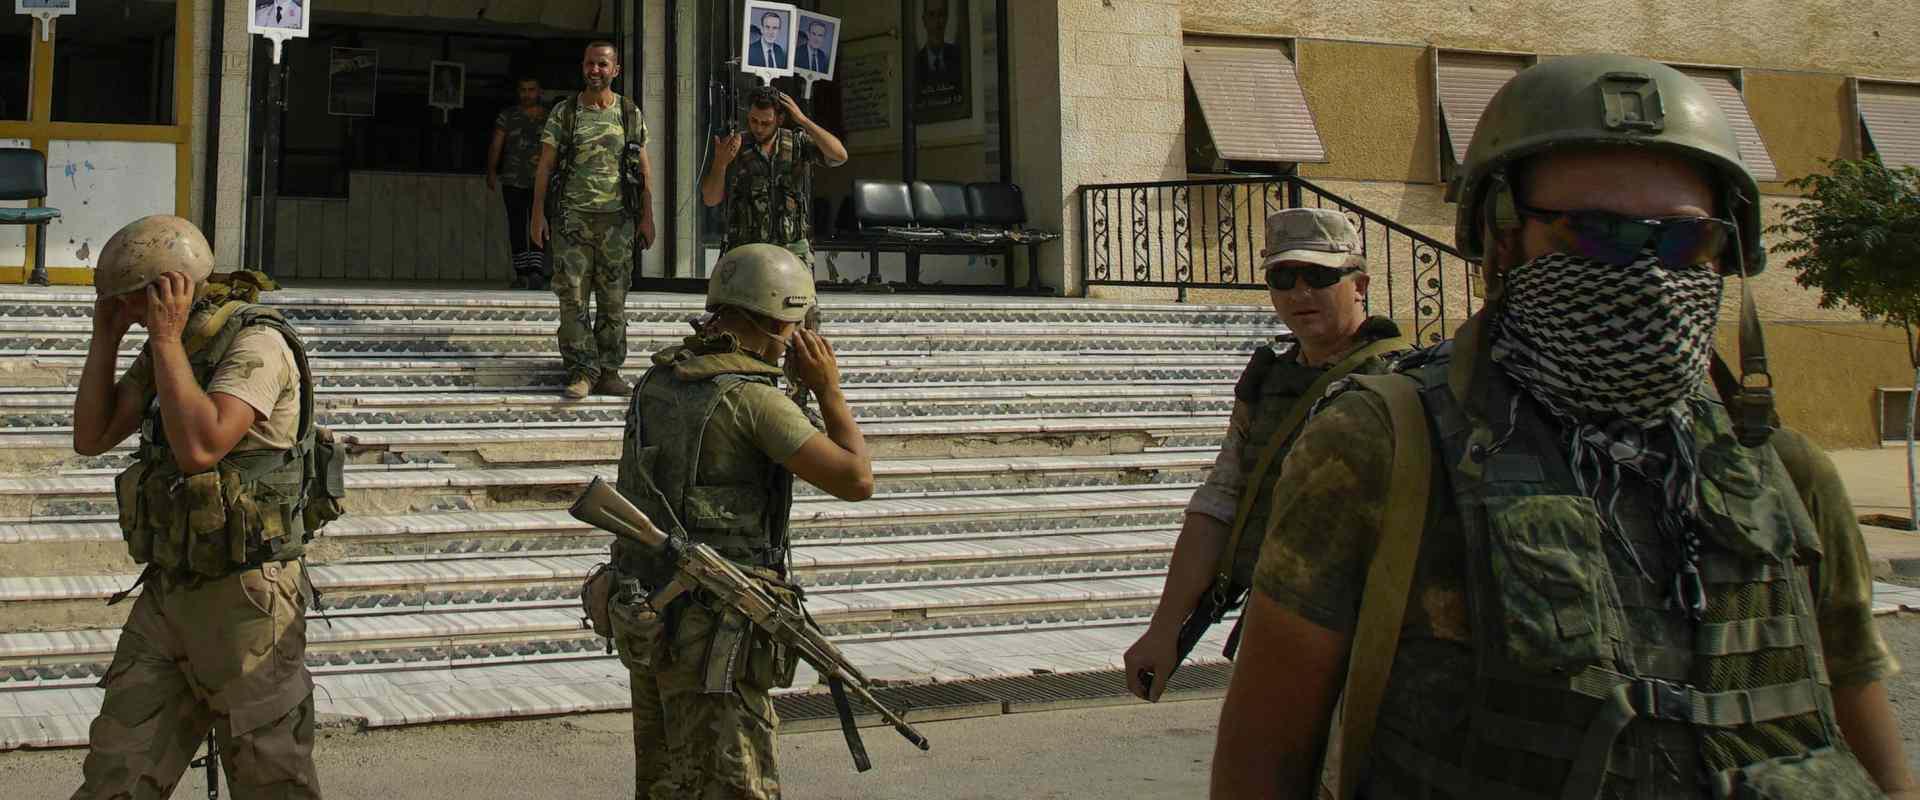 כוחות רוסיים בדיר א-זור, סוריה